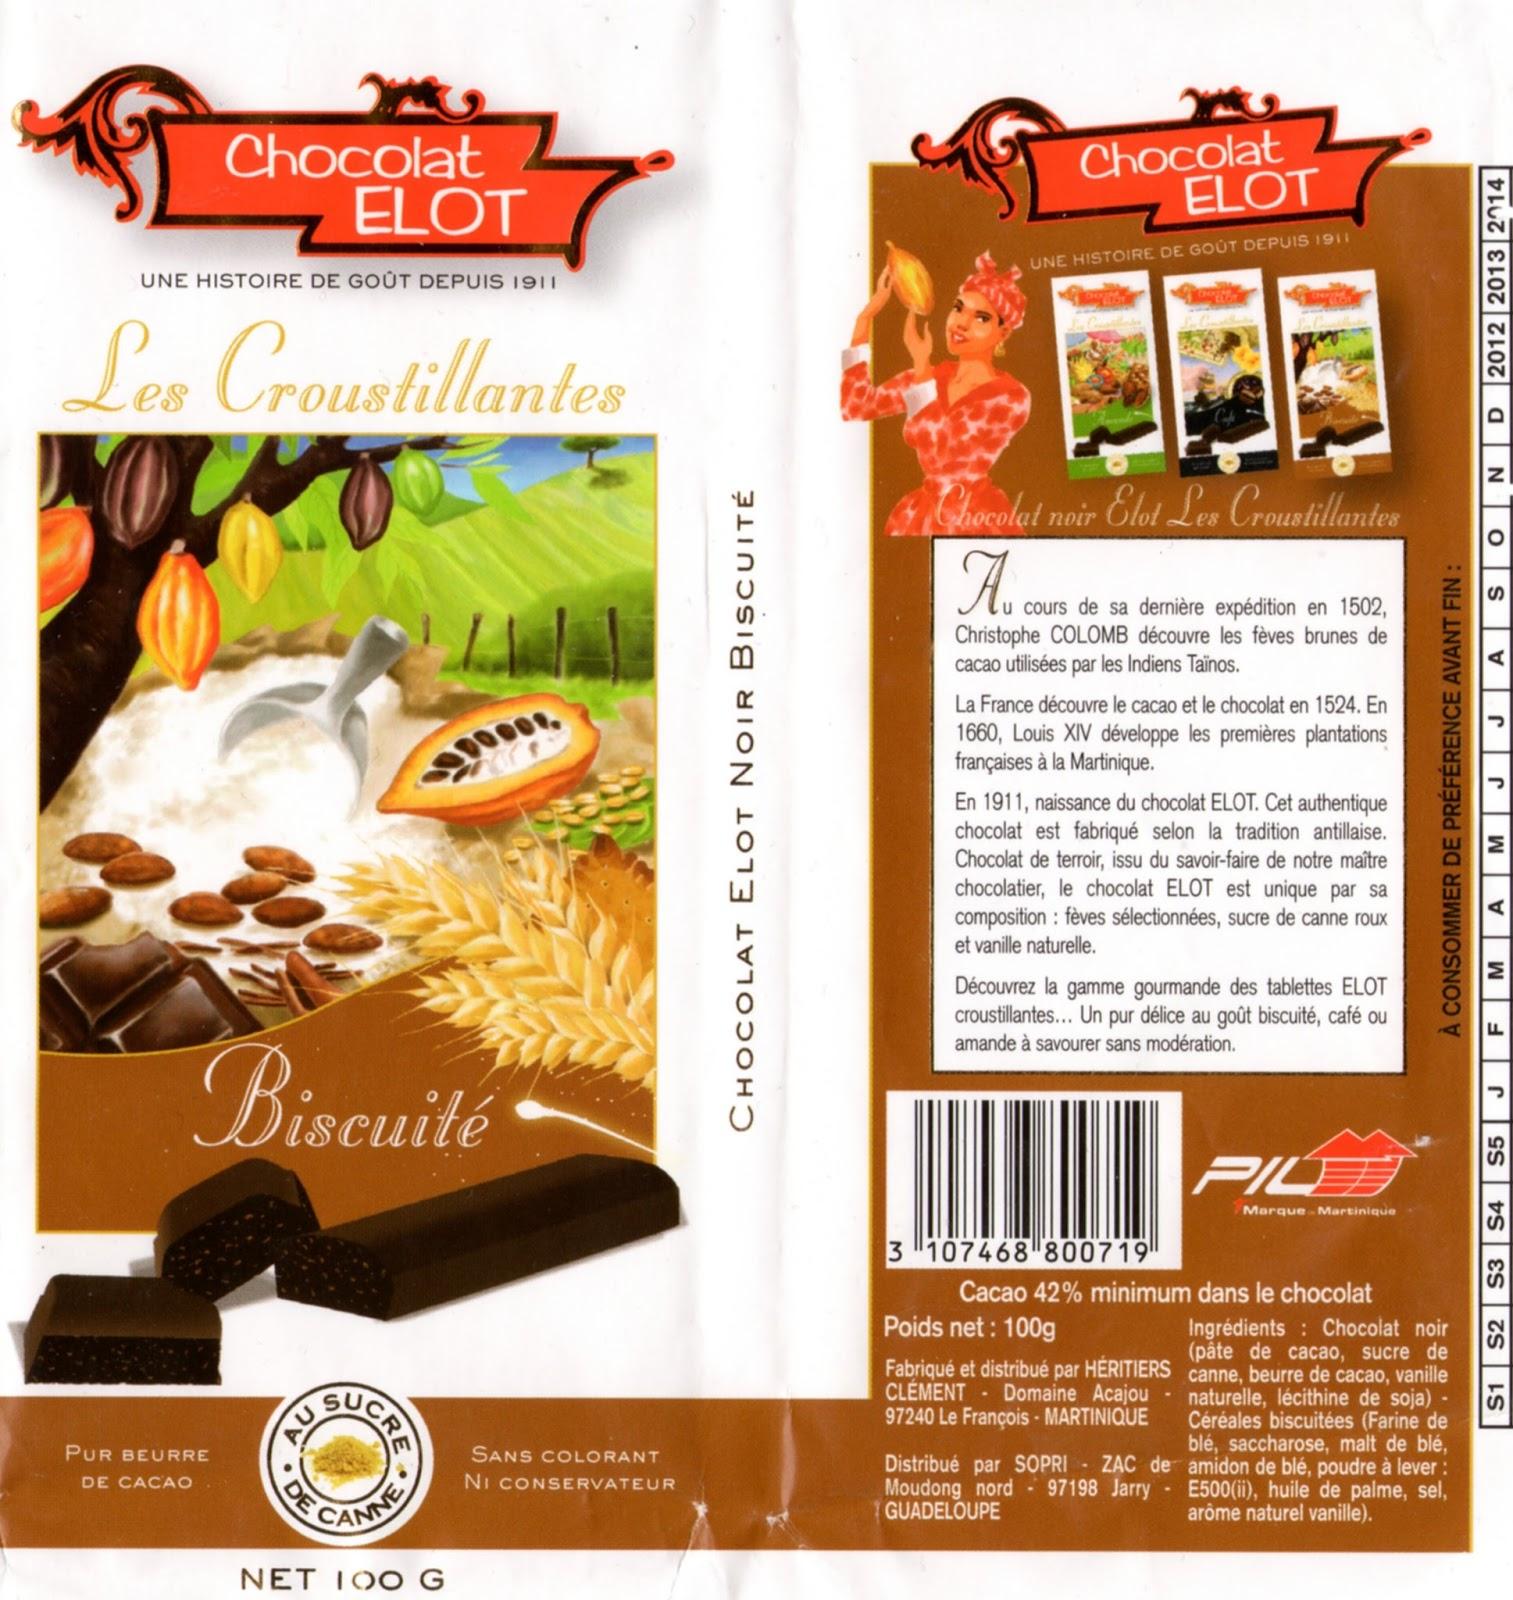 tablette de chocolat noir gourmand elot les croustillantes noir biscuité